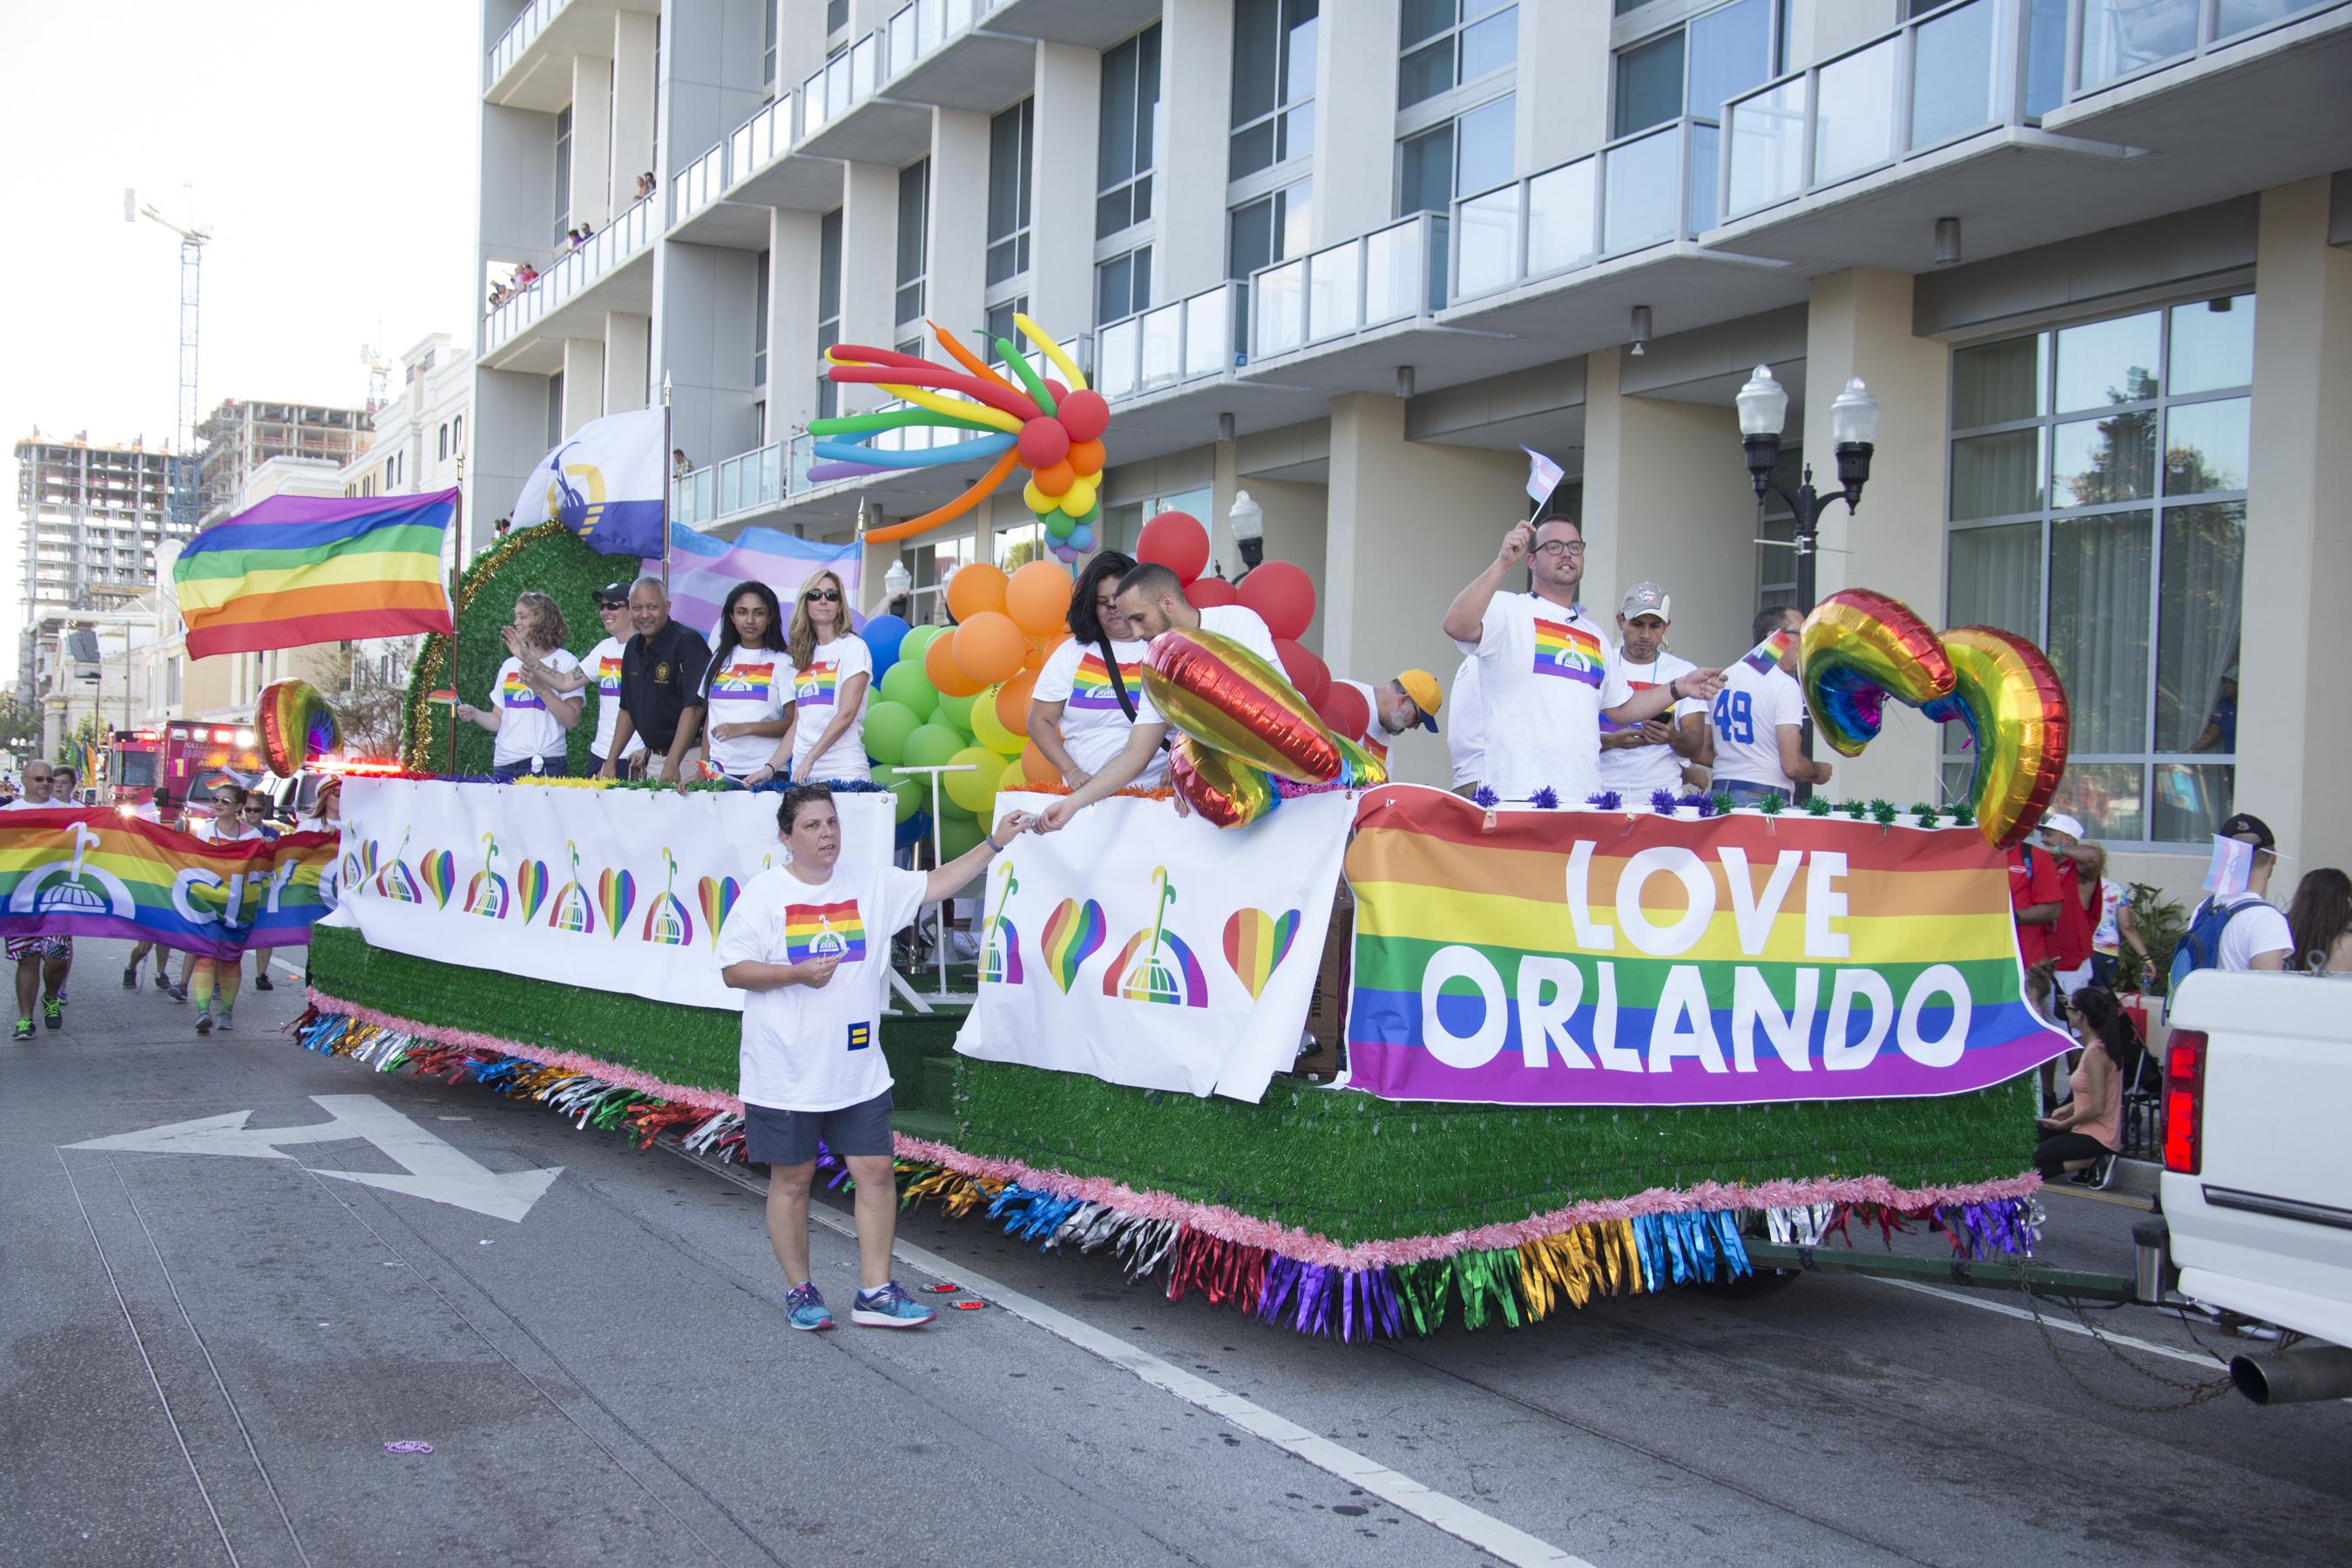 Condado de Orange amistoso gay